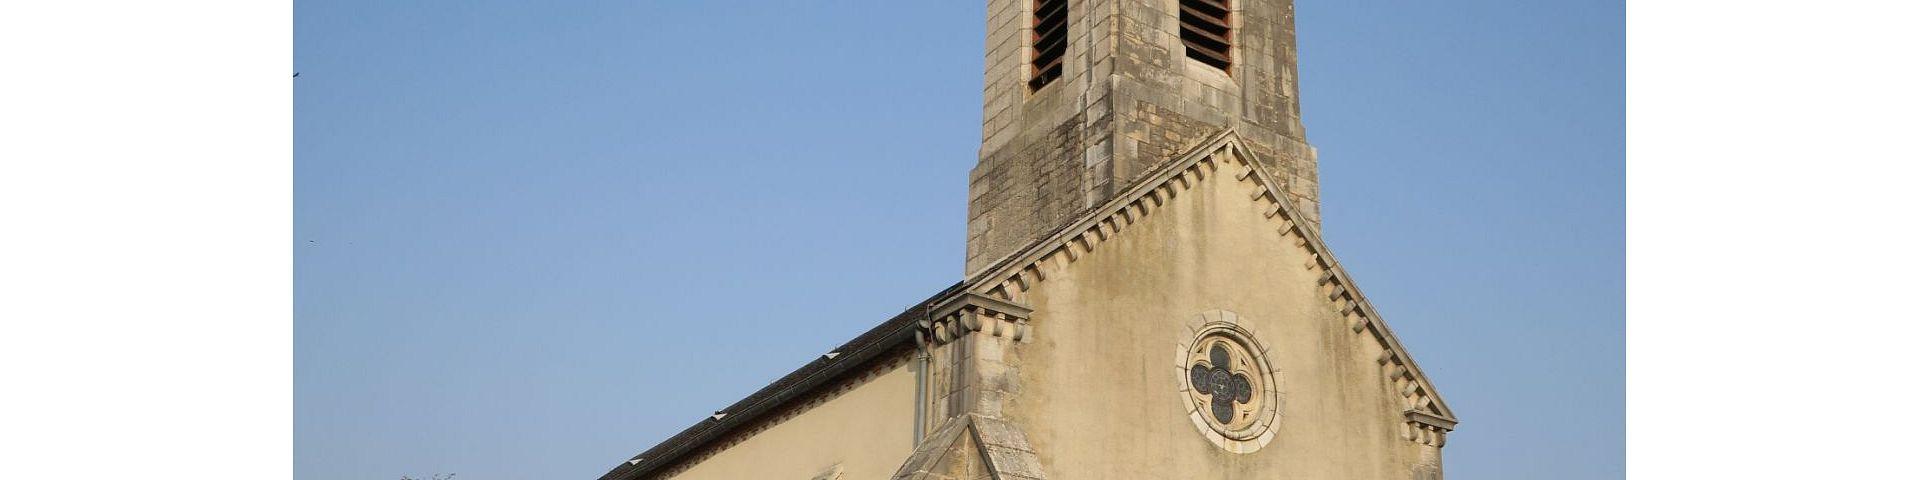 Montot - Eglise Saint-Rémi (21)